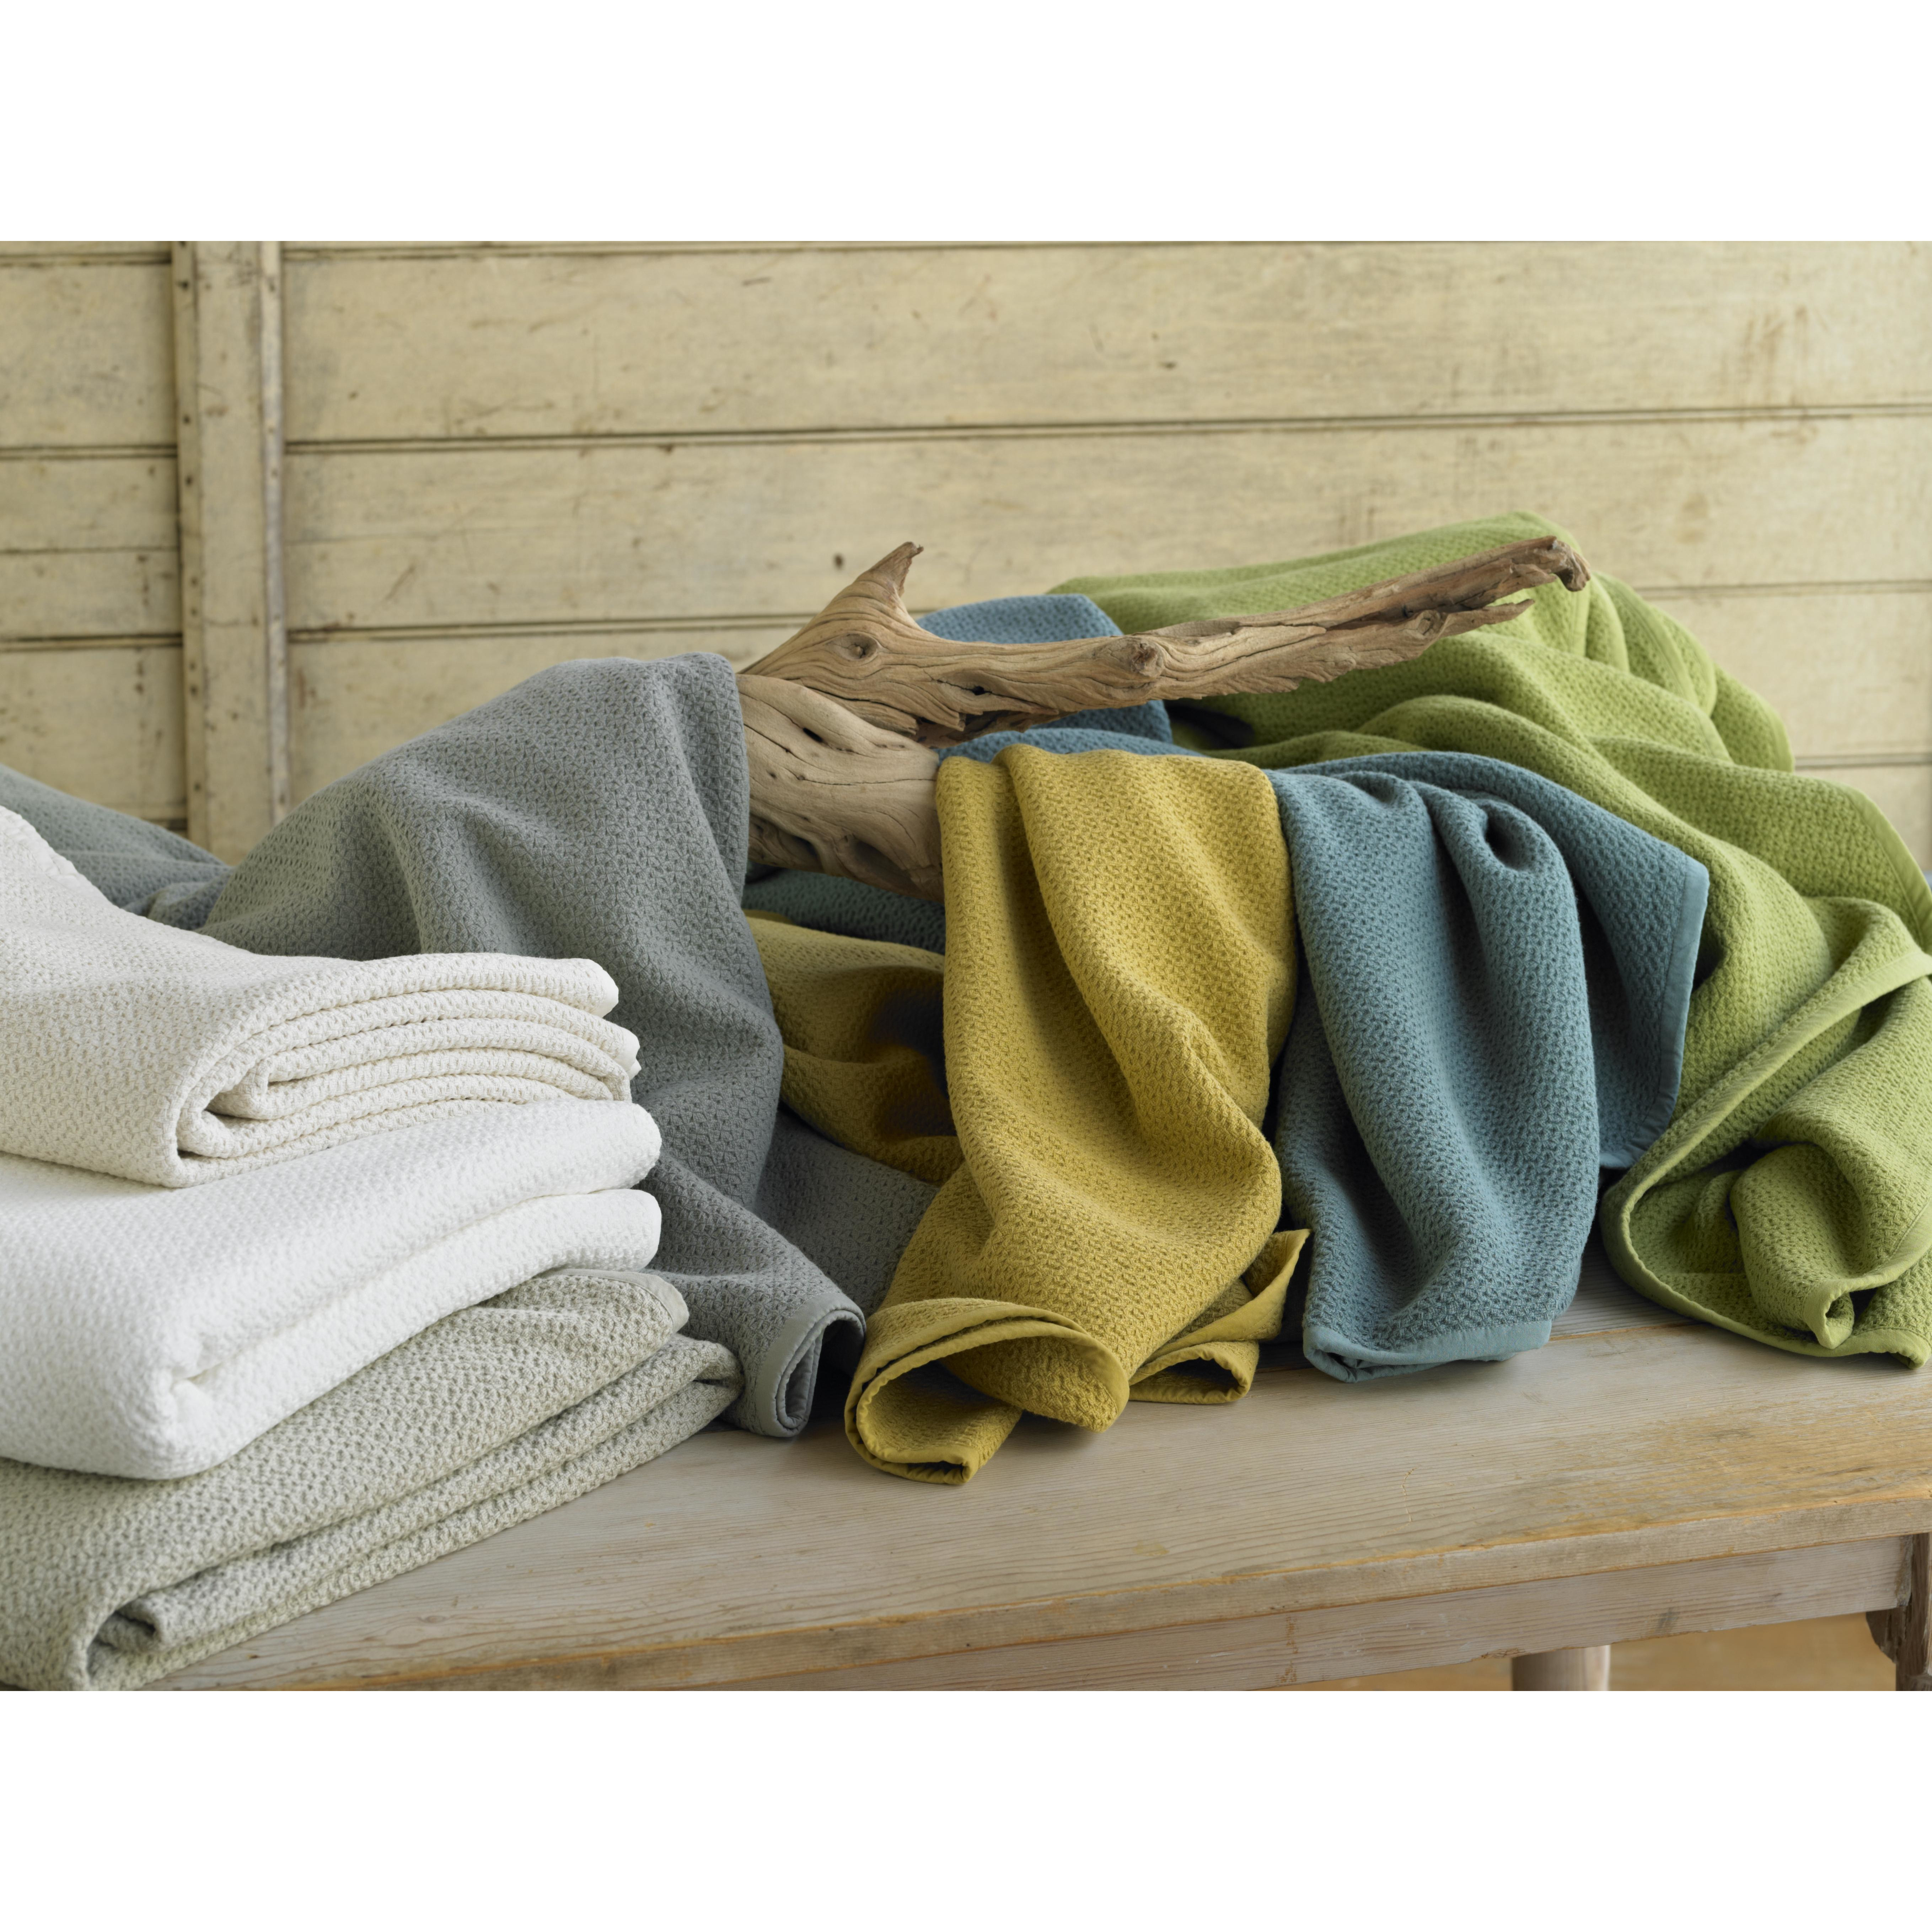 Organic Bedding Seattle | Coyuchi | Coyuchi Organic